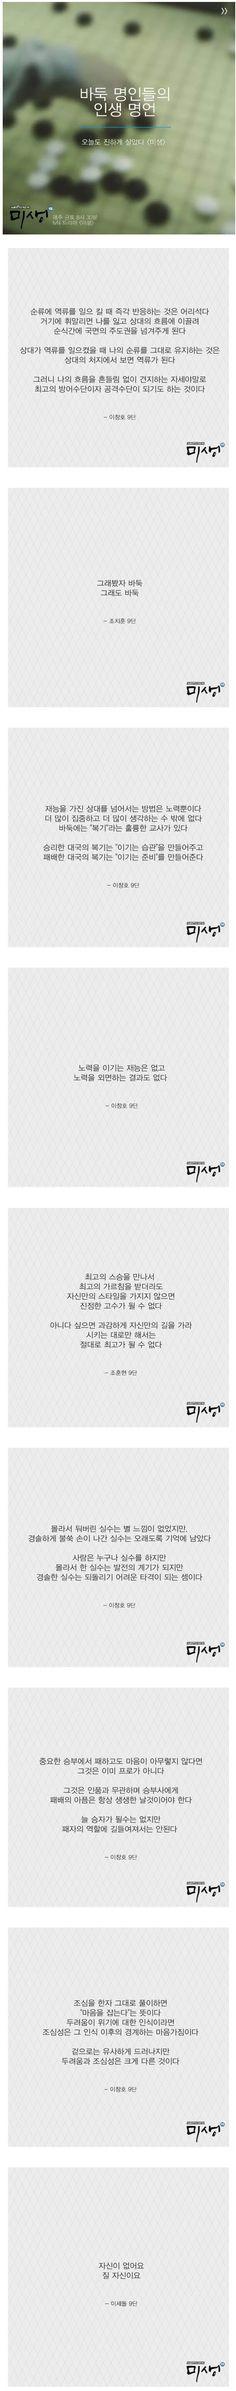 세상돋보기 – 바둑 명인들의 명언 Typography, Lettering, Korean Quotes, Learn Korean, Korean Language, Caligraphy, Korean Drama, Texts, Life Lessons